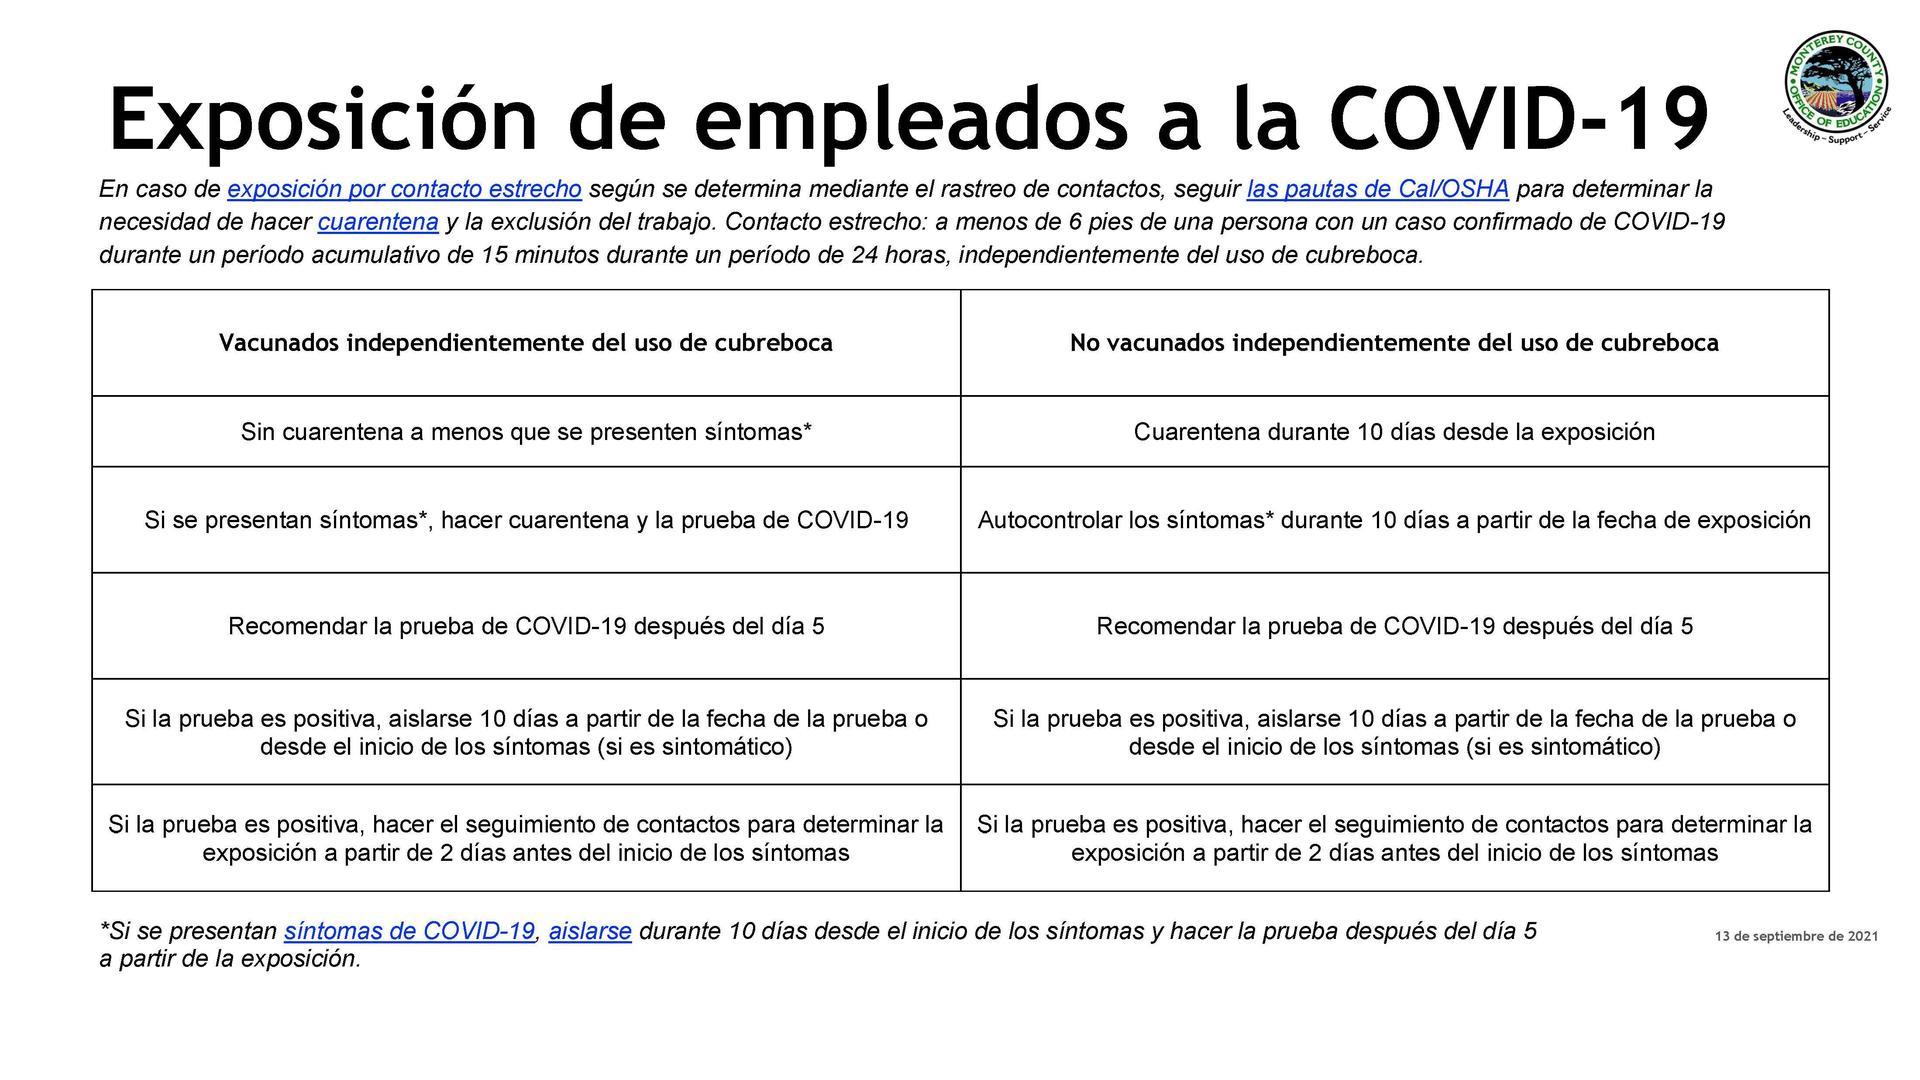 Coivd Protocols